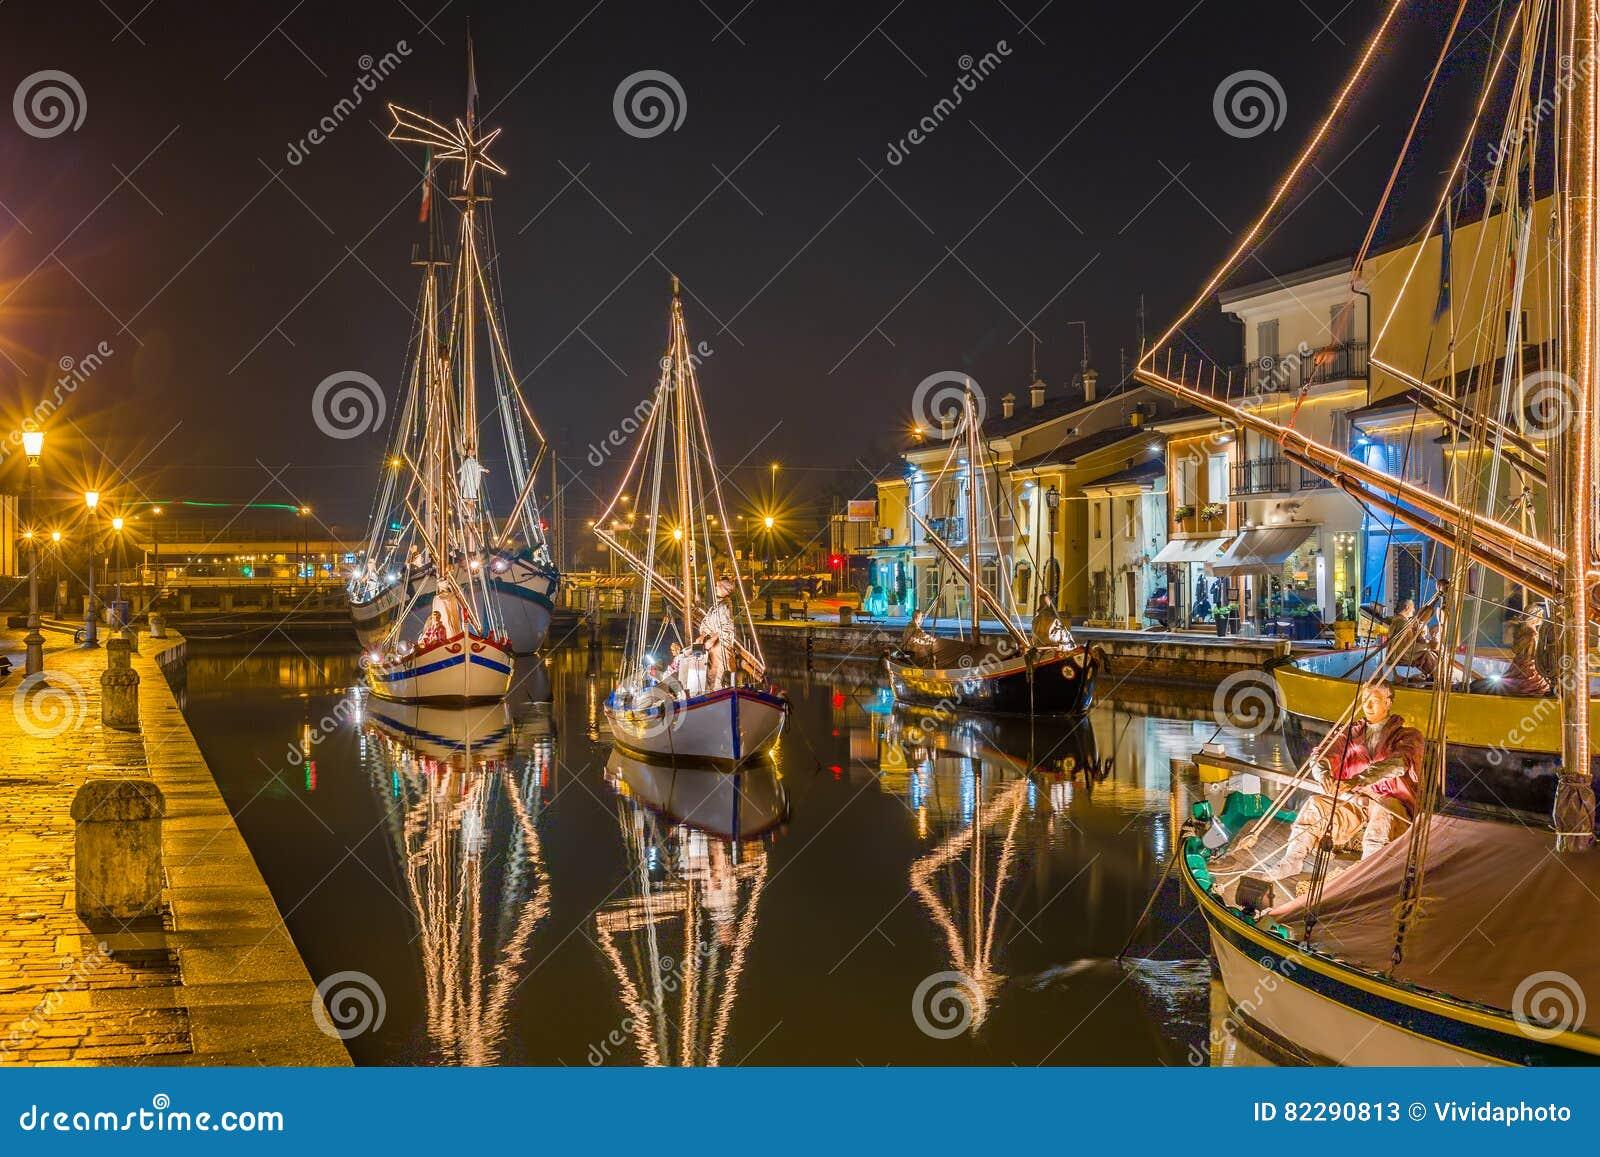 Decorações, luzes e Marine Crib do Natal